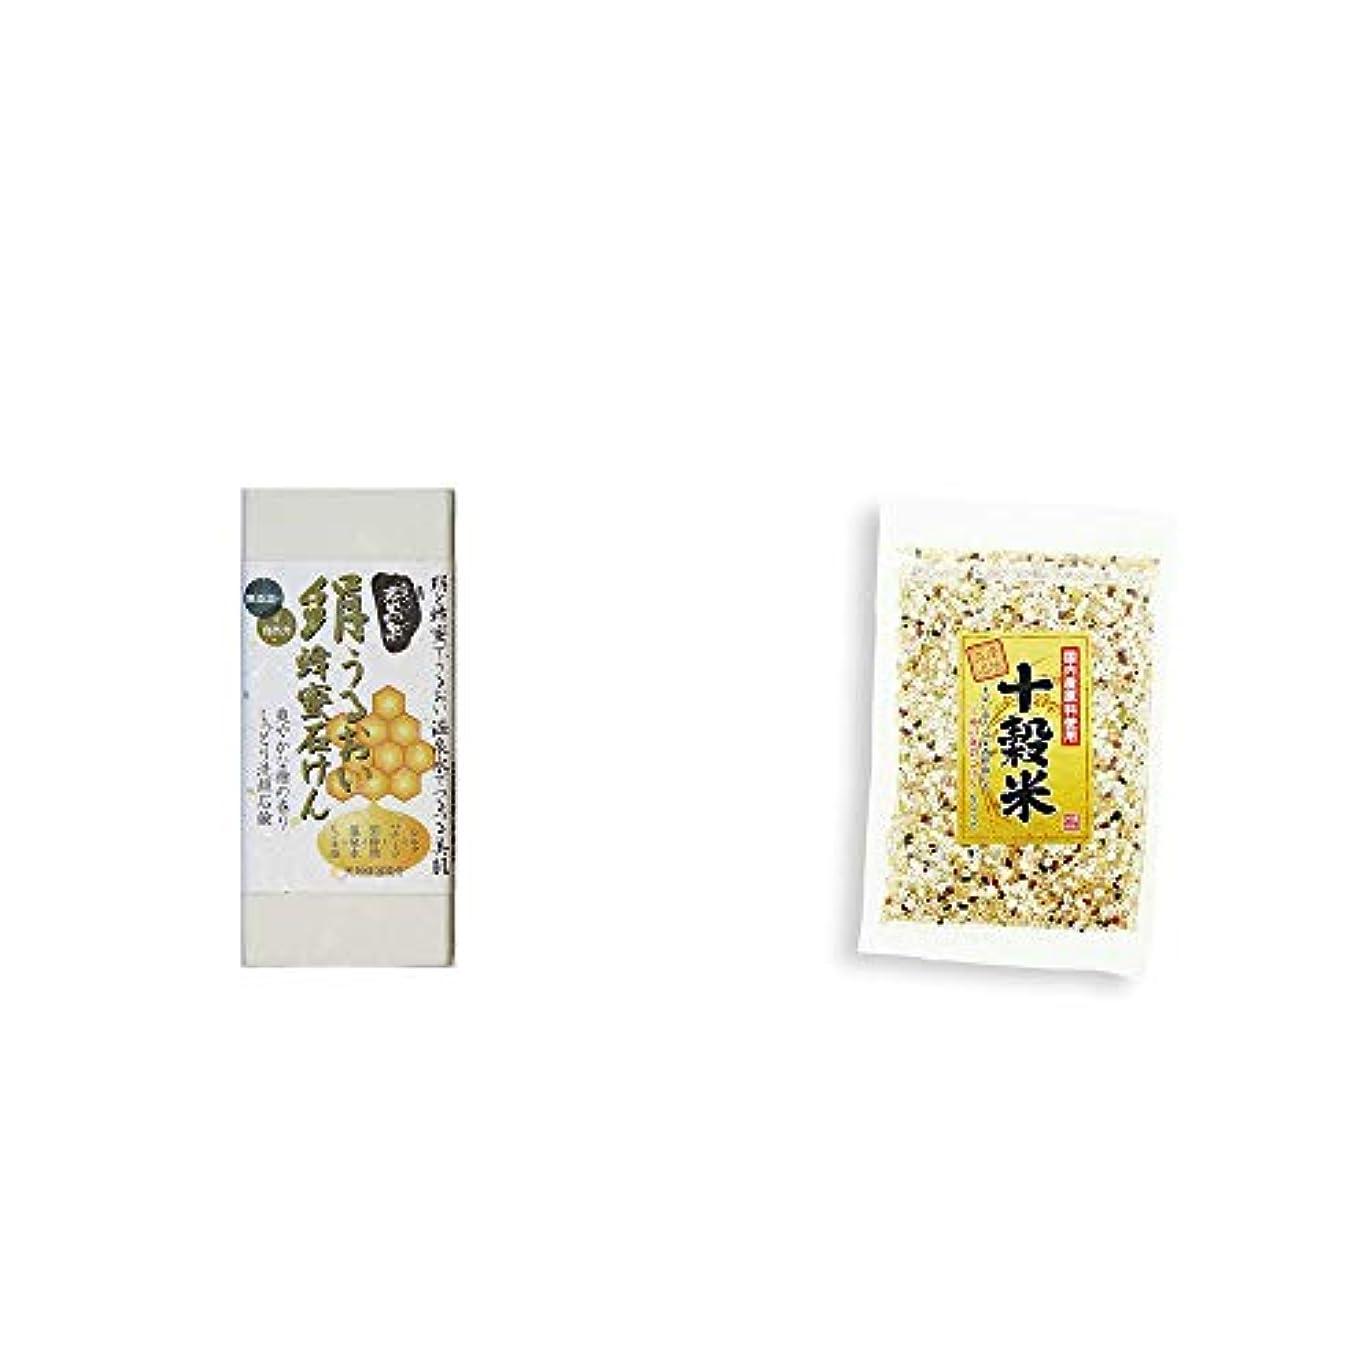 雇った部分複製[2点セット] ひのき炭黒泉 絹うるおい蜂蜜石けん(75g×2)?国産原料使用 十穀米(300g)